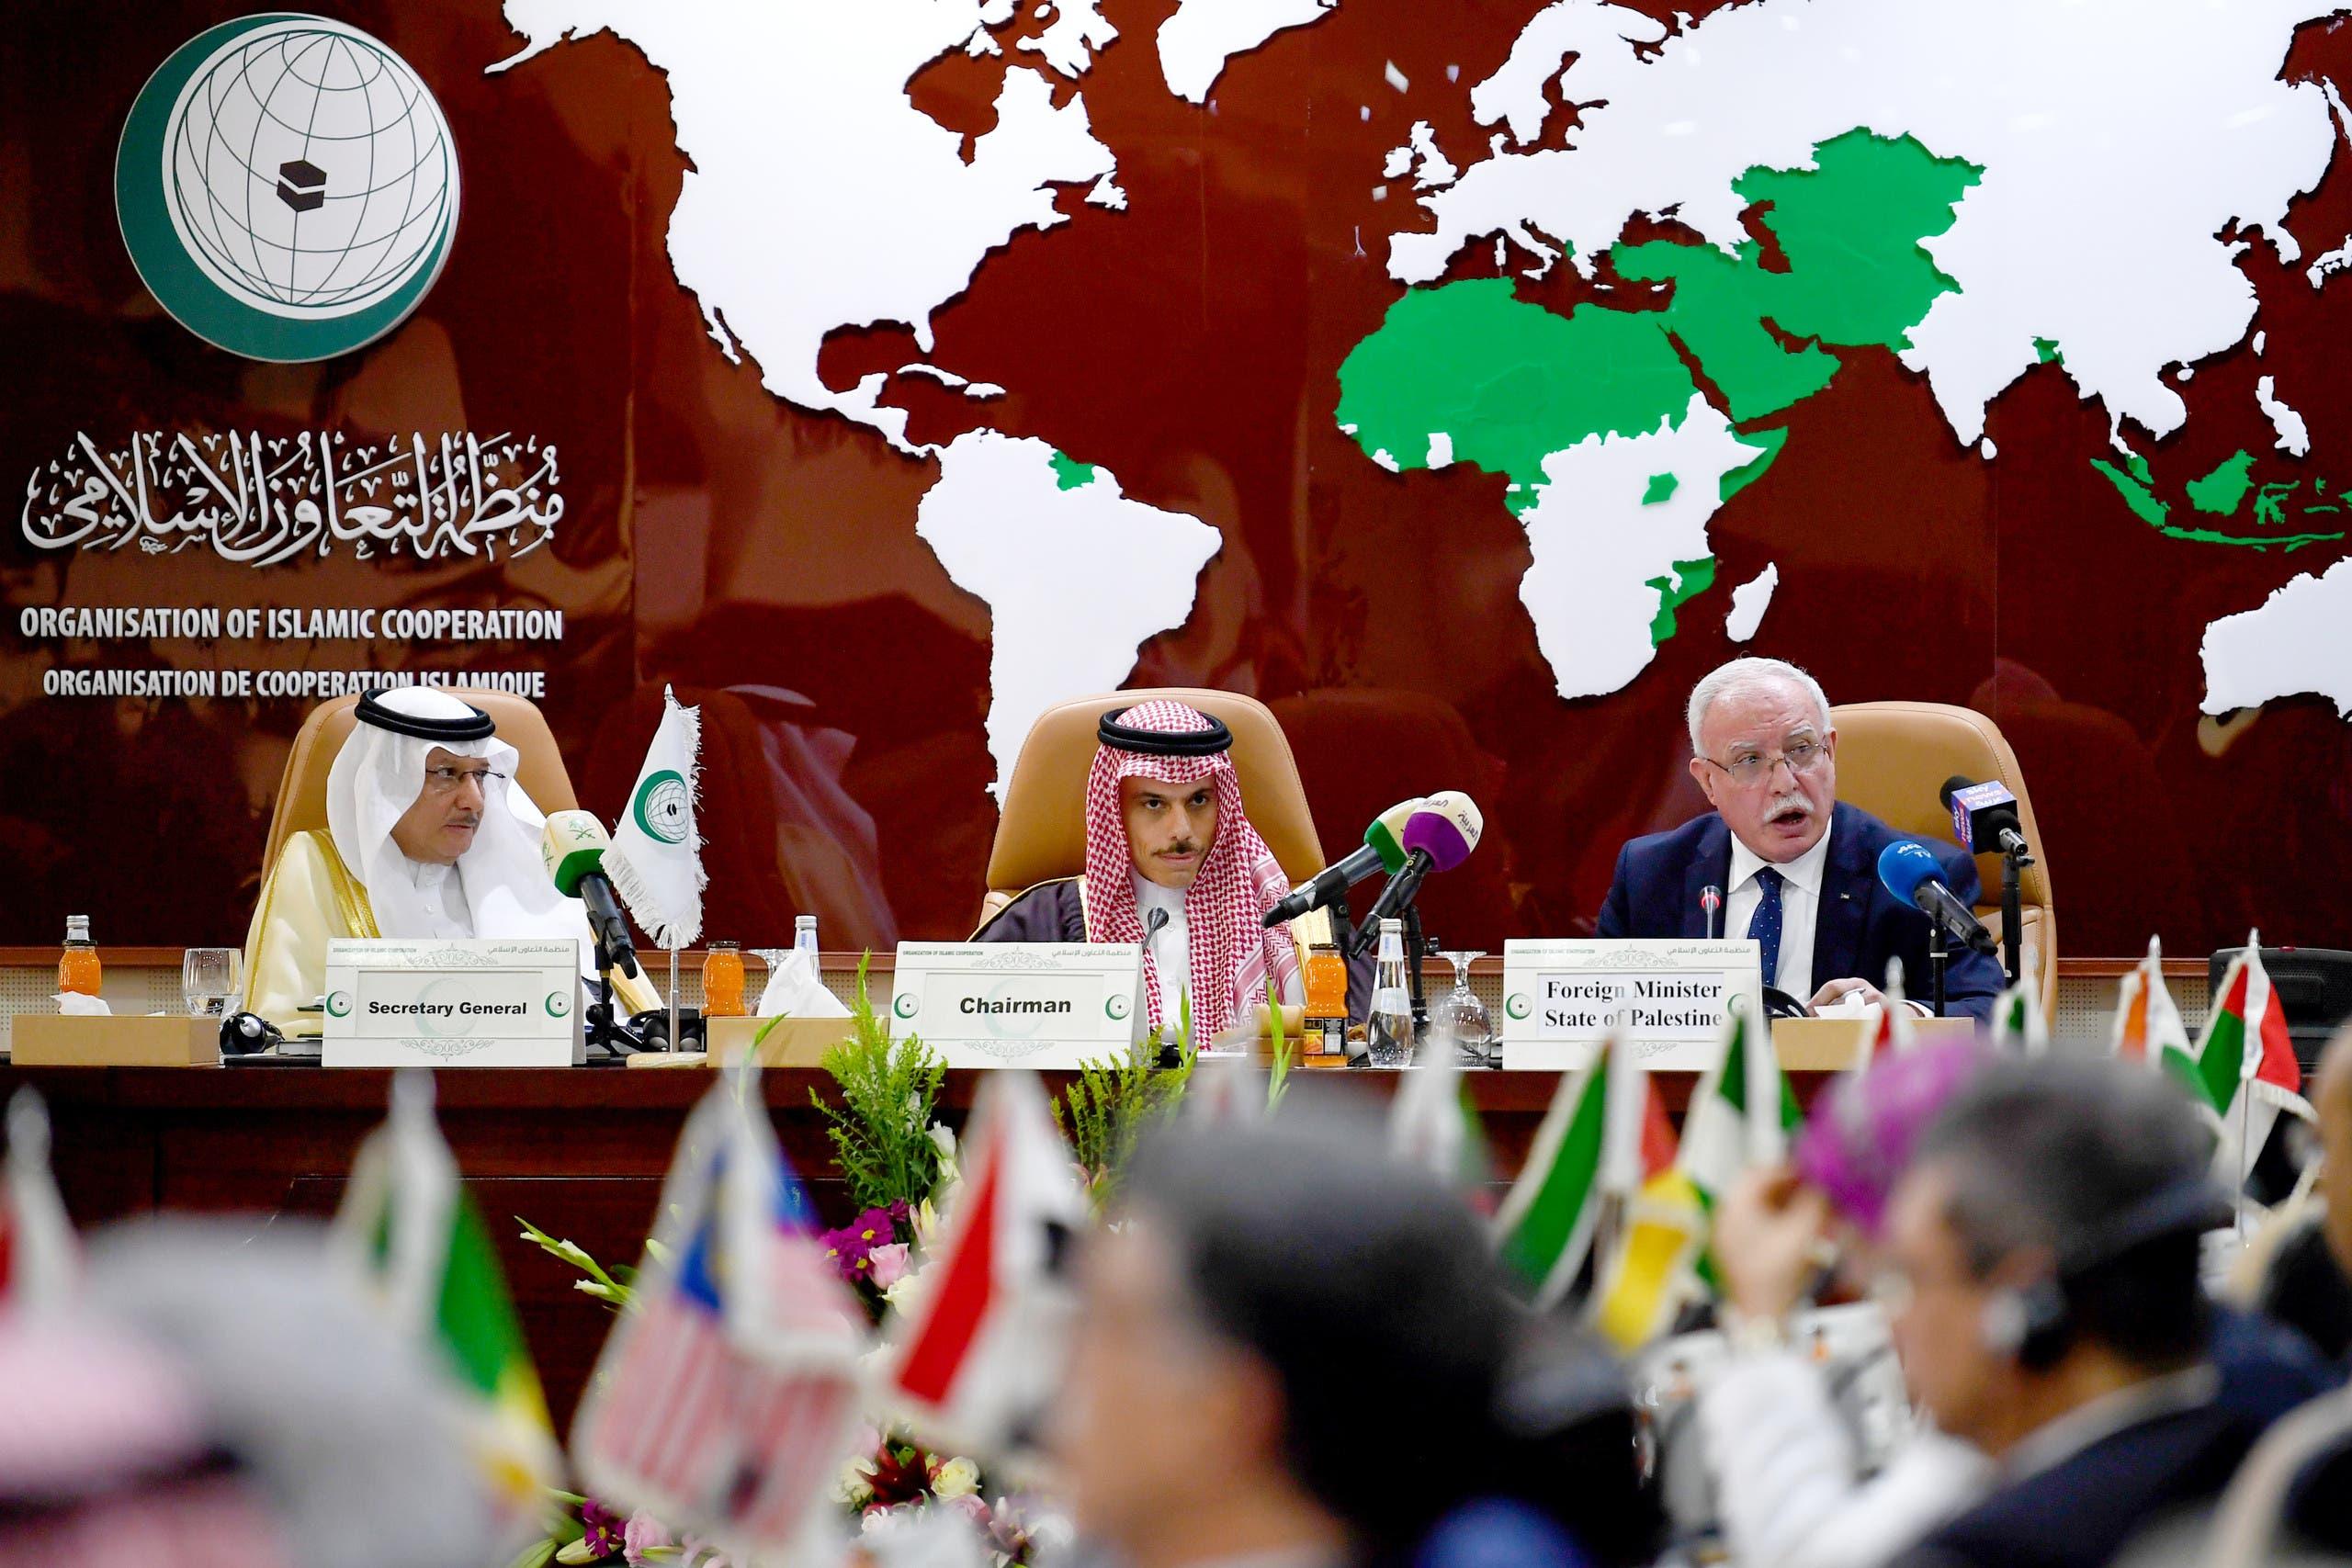 وزير الخارجية الفلسطيني يلقي كلمة خلال قمة لمنظمة التعاون الإسلامي في جدة في فبراير الماضي